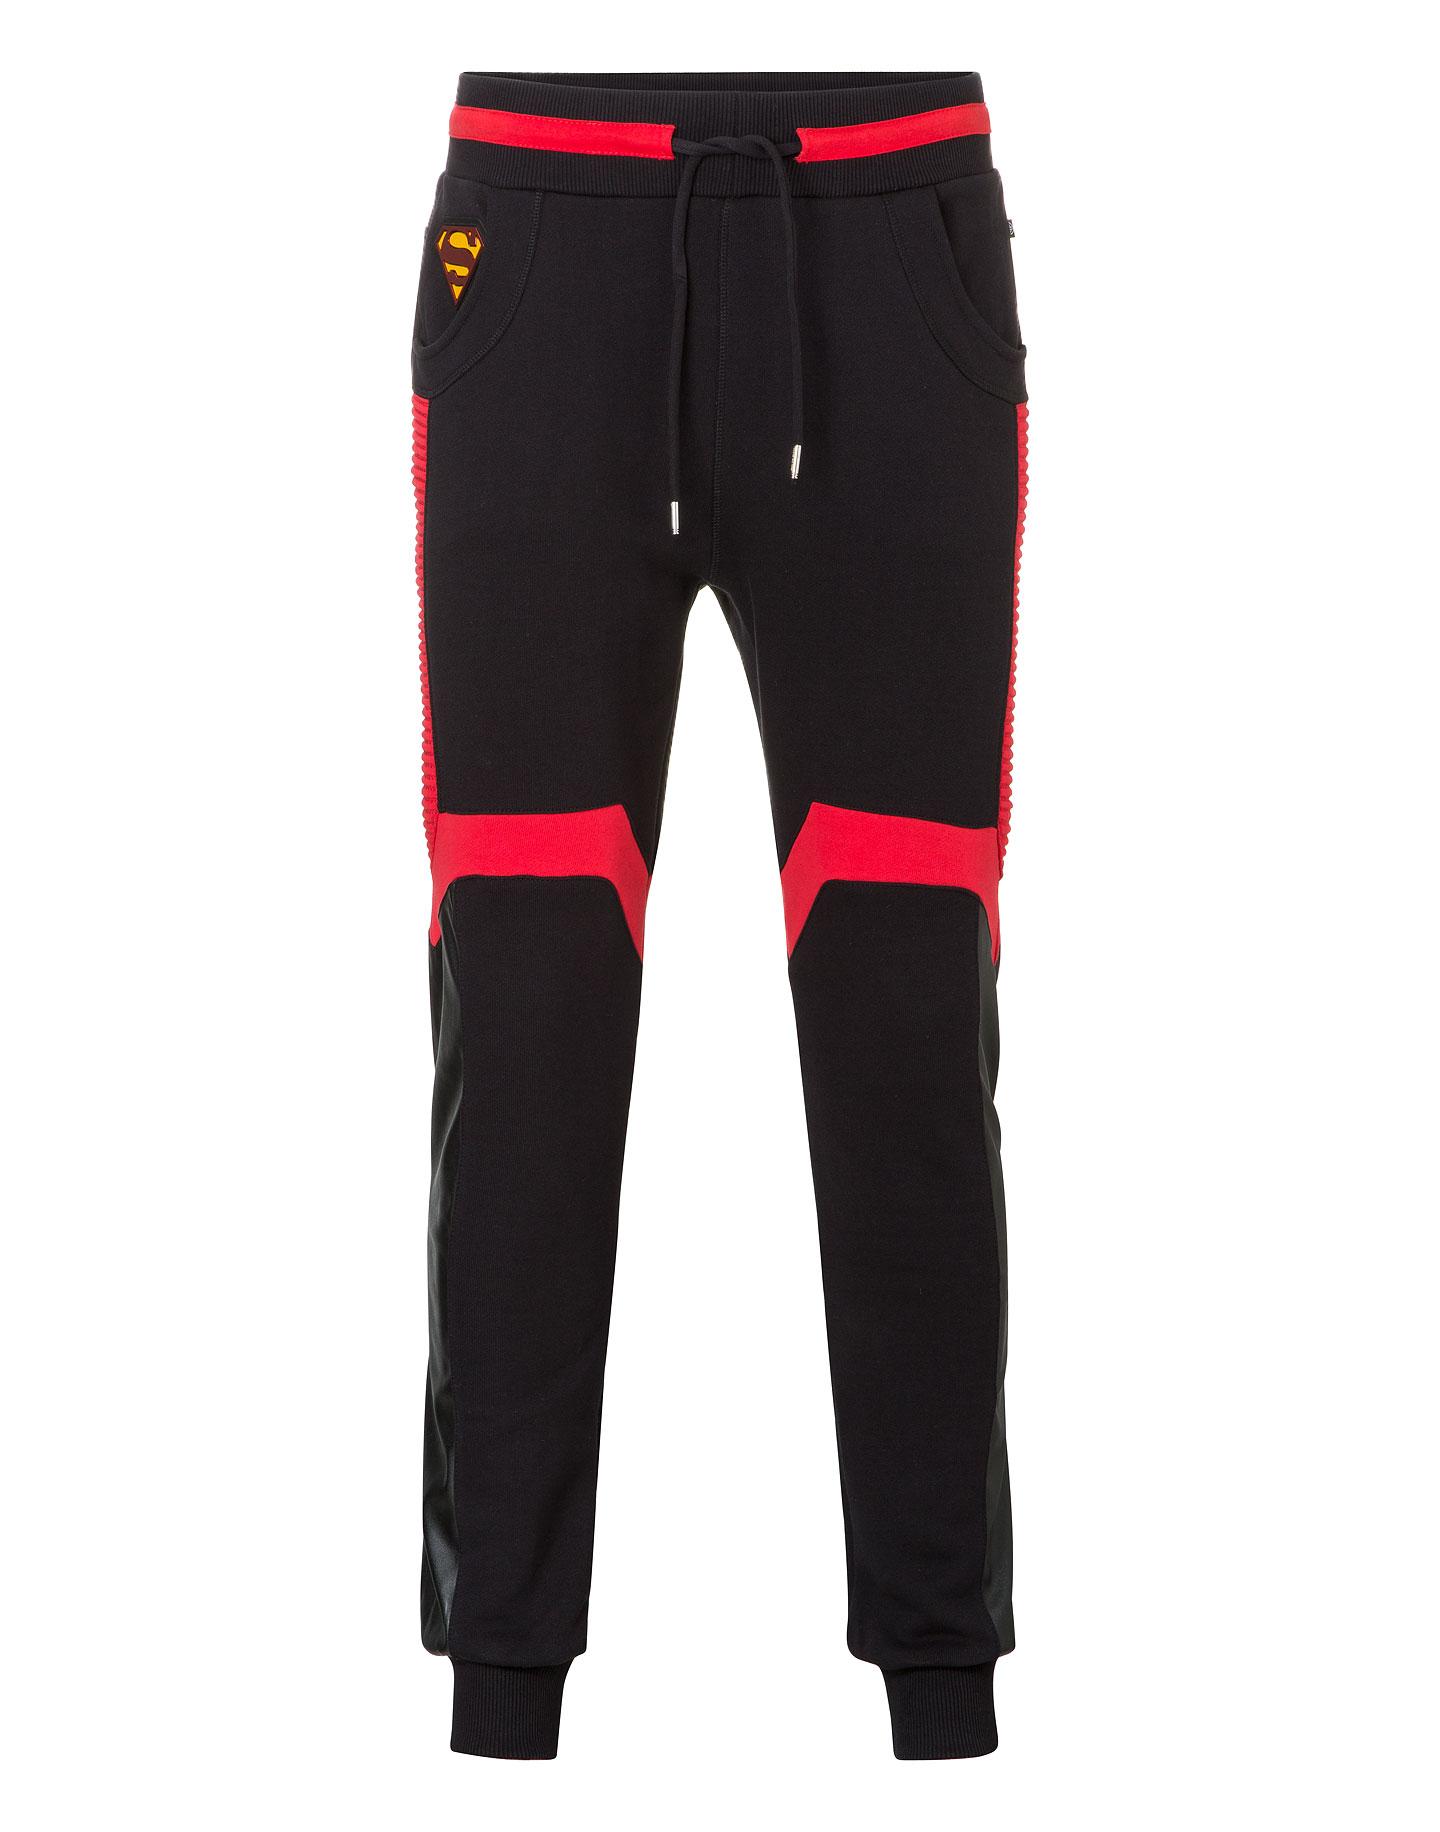 d1472736 jogging pants